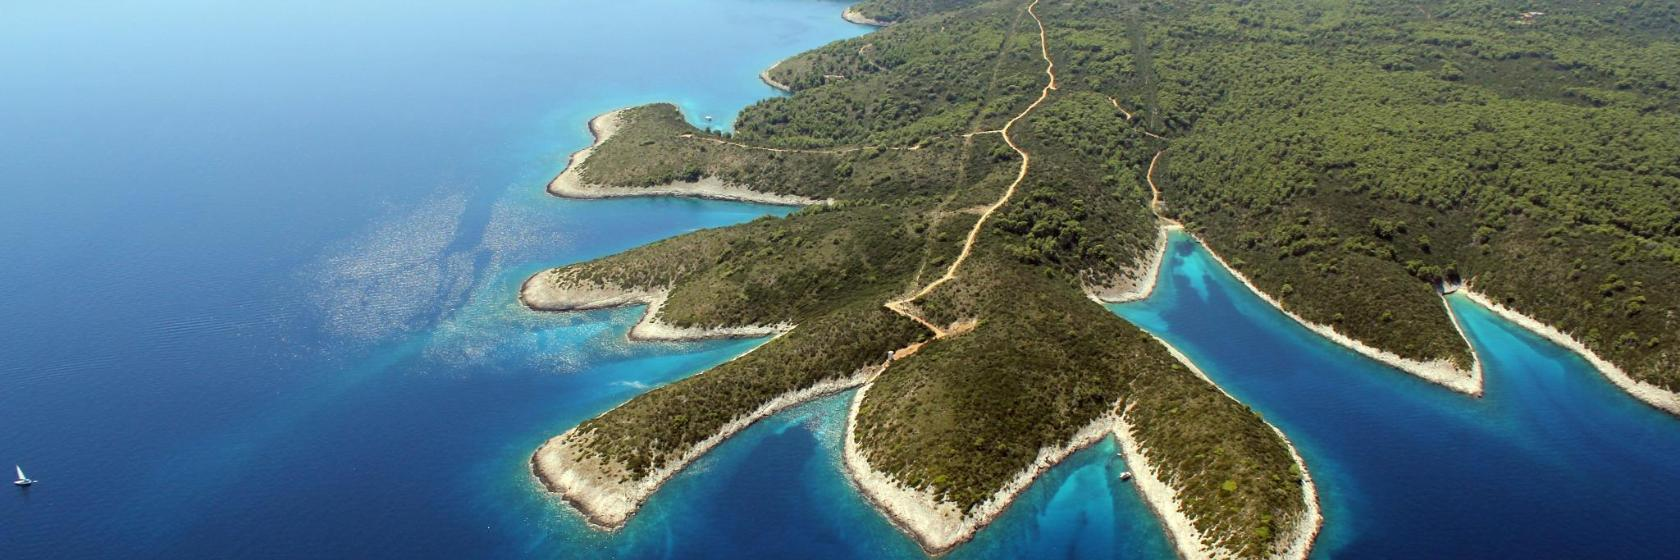 Isola Di Lesina I 10 Migliori Hotel Isola Di Lesina Croazia Dove Soggiornare